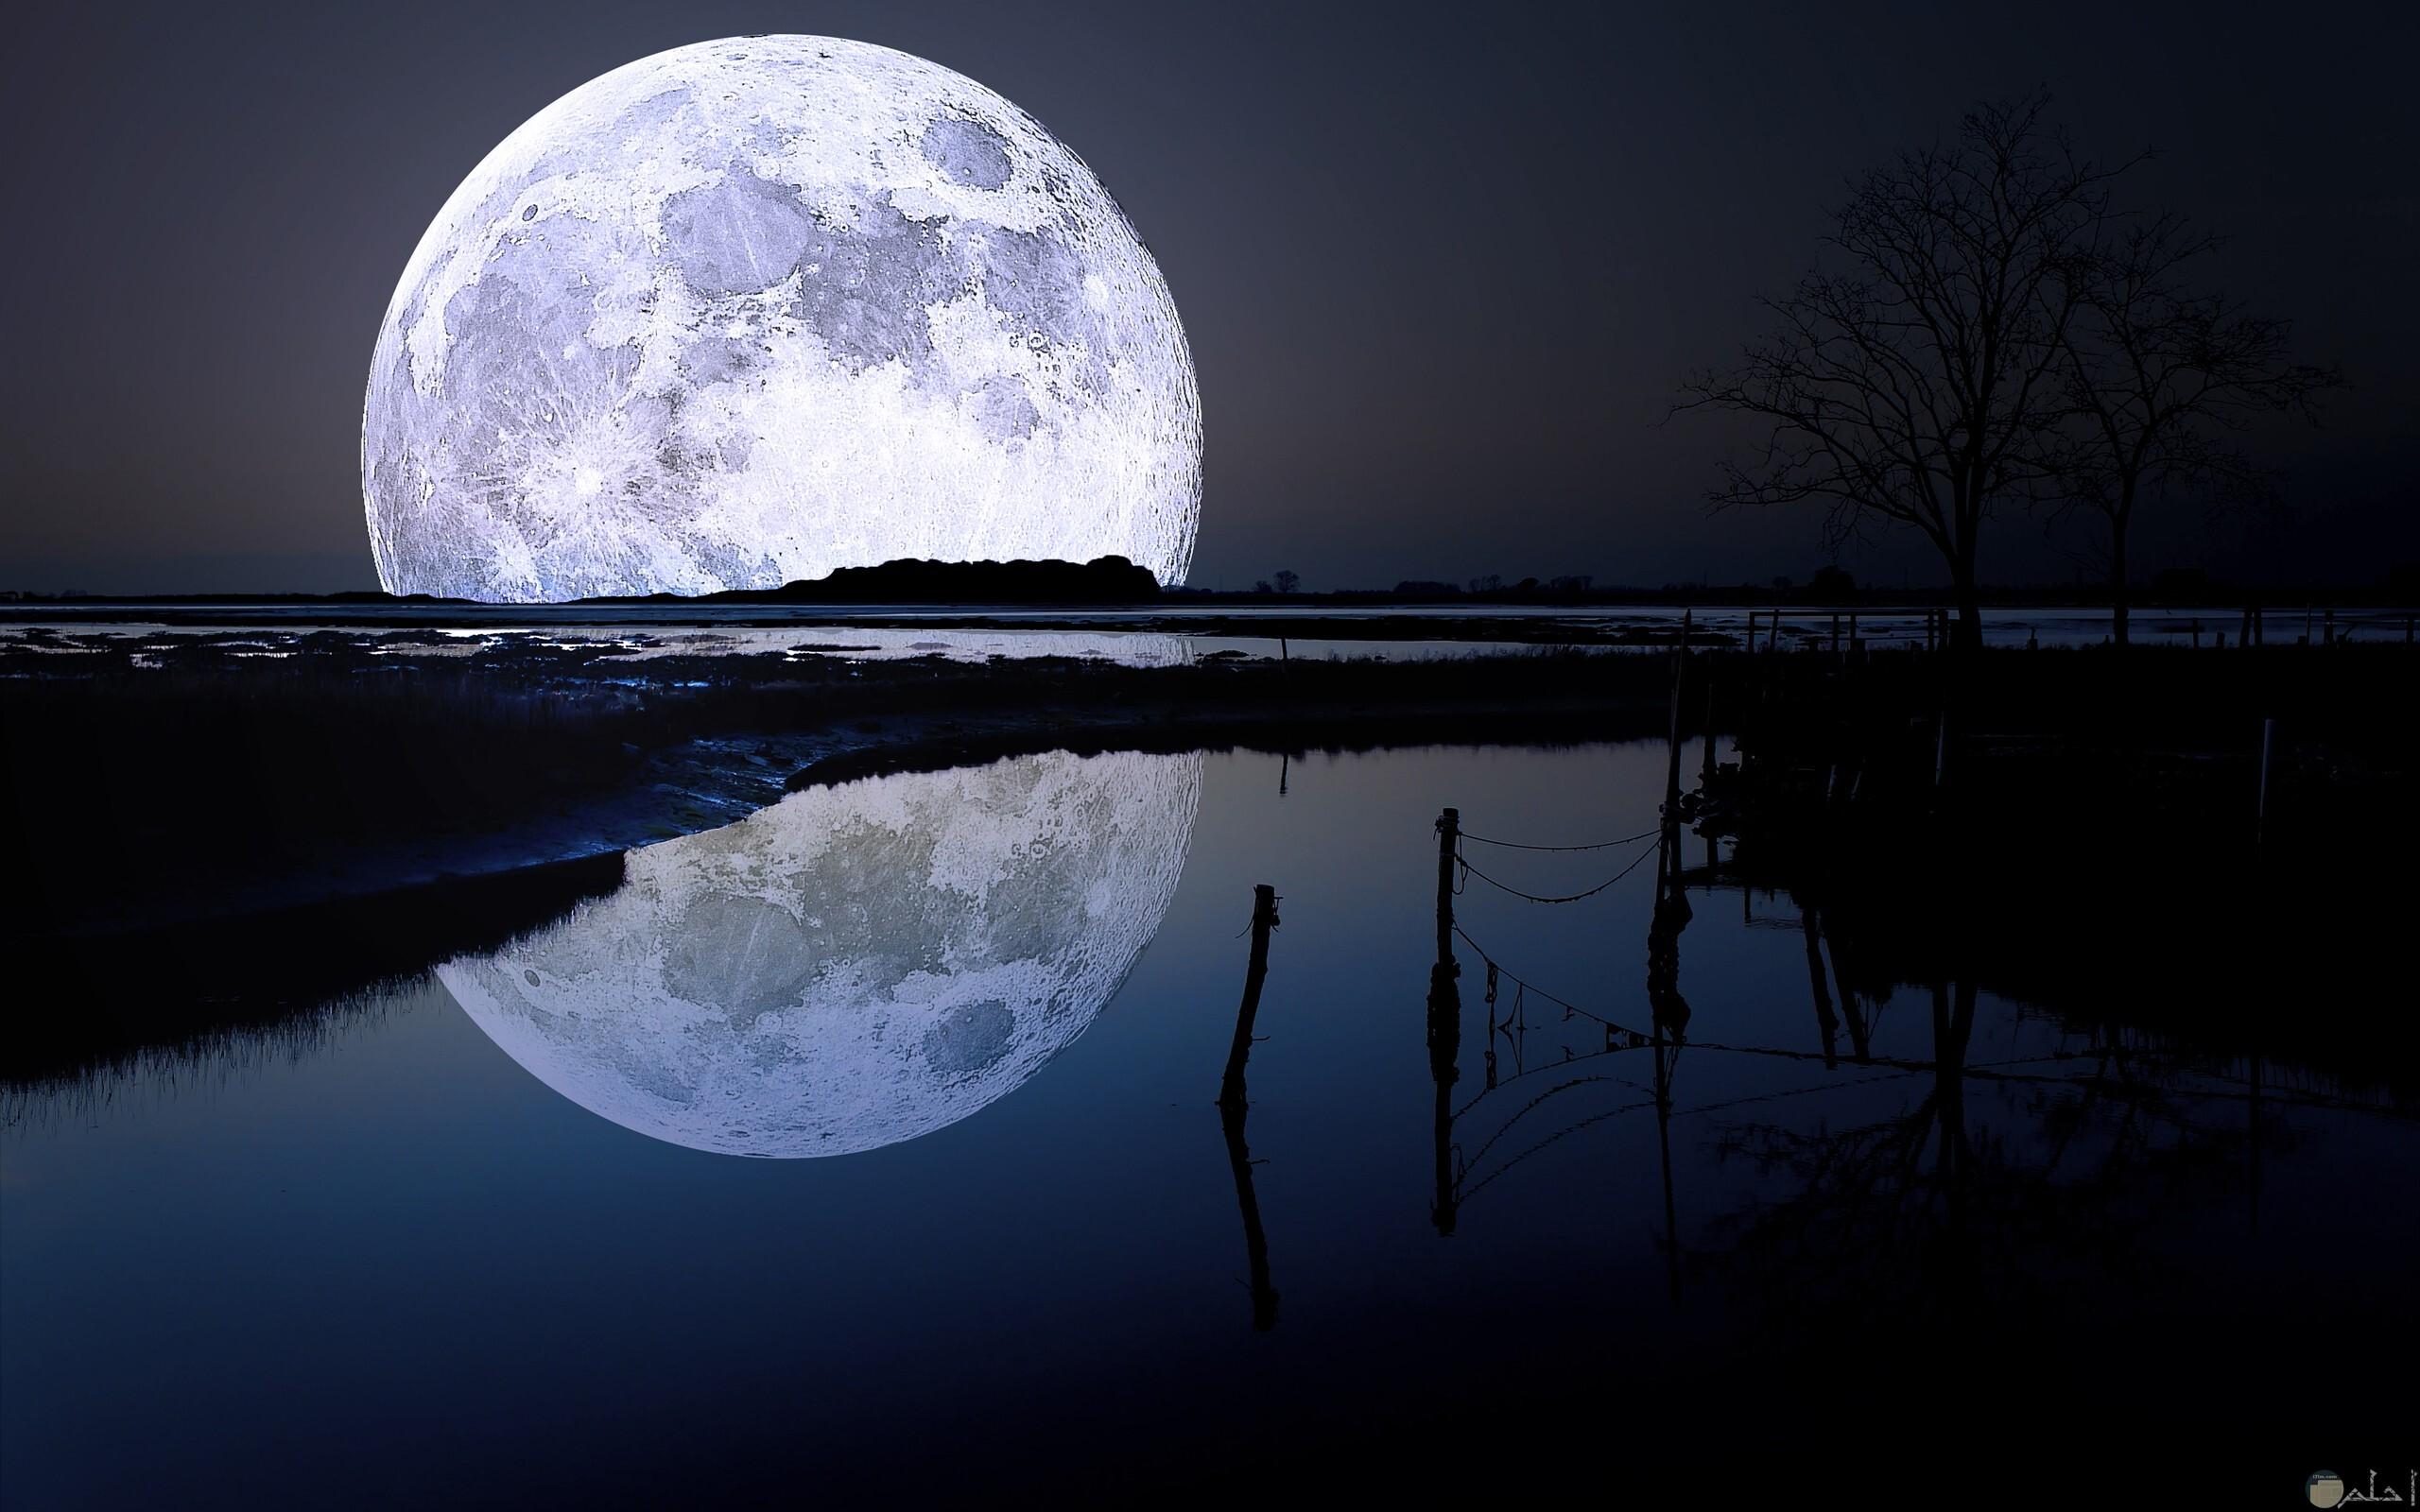 صورة حلوة للقمر و السحاب ينقسم فيه.